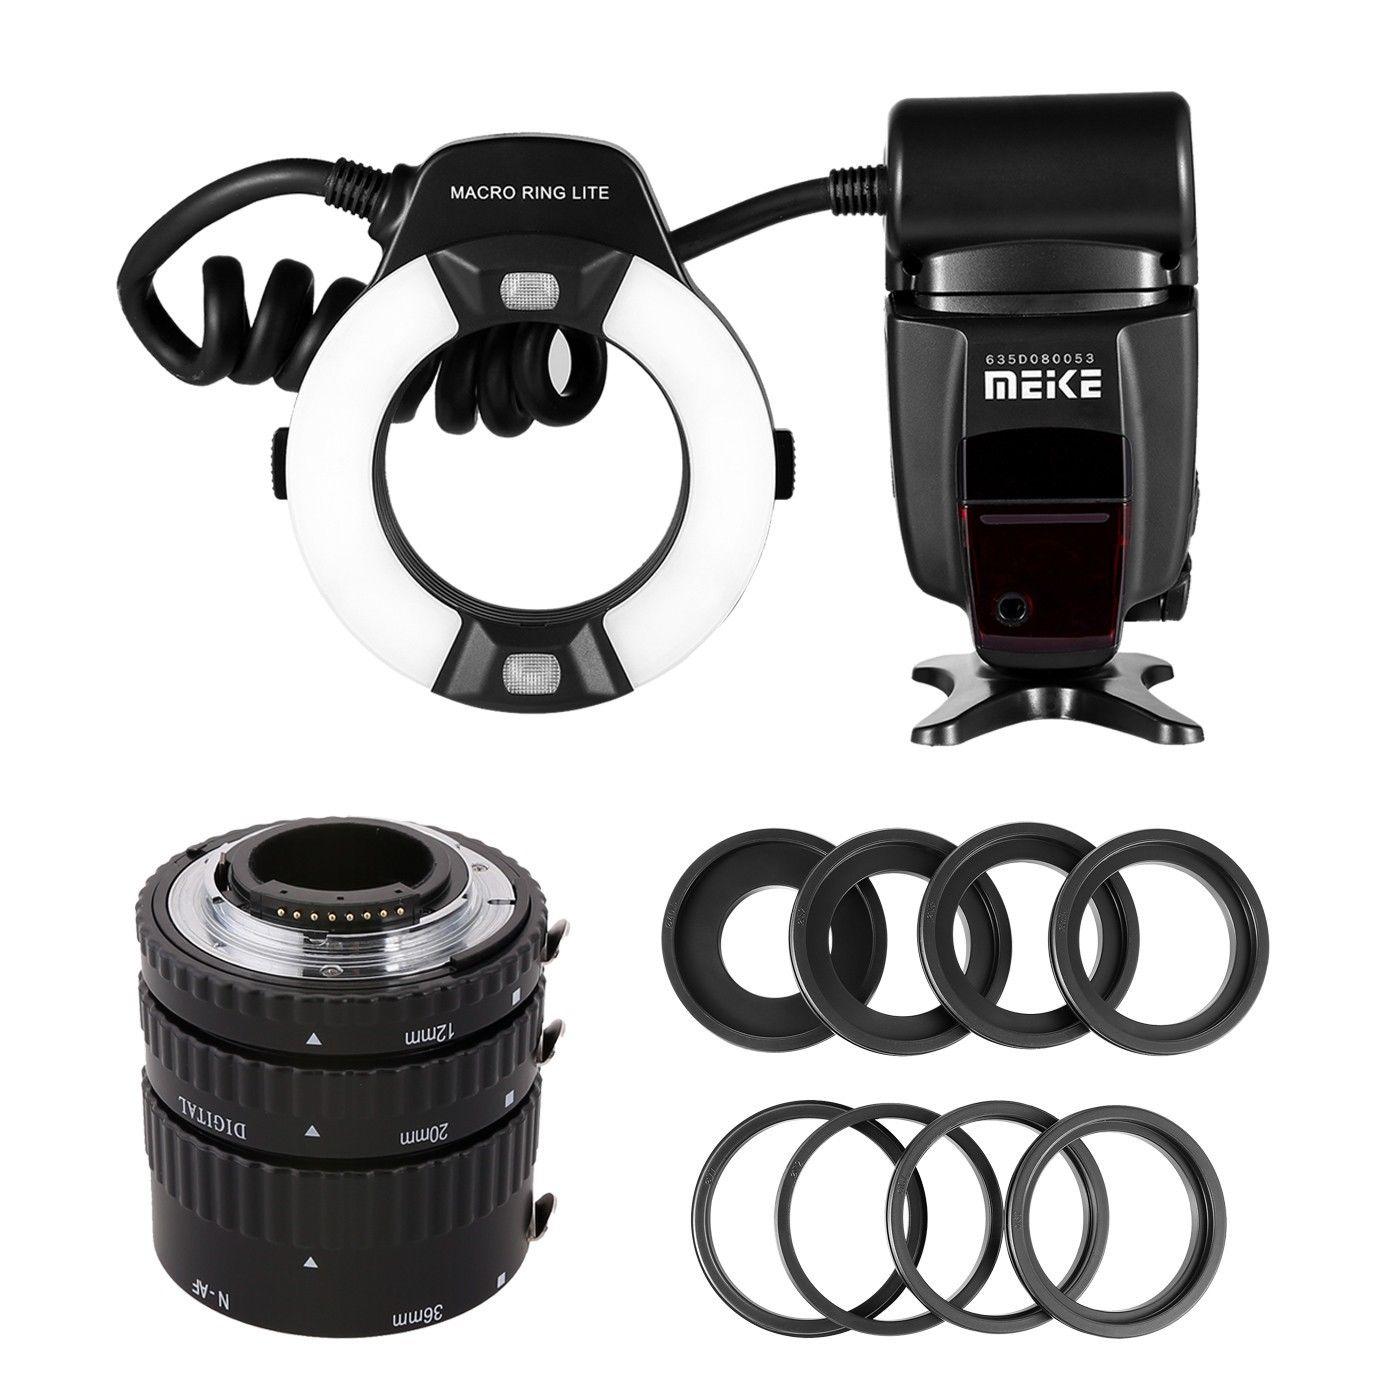 Meike Metal AF Macro Extension Tube + MK-14EXT TTL Ring Flash LED Light for Nikon SLR Cameras D7000 D5000 D5100 D3200 D3100 meike mk d750 battery grip pack for nikon d750 dslr camera replacement mb d16 as en el15 battery